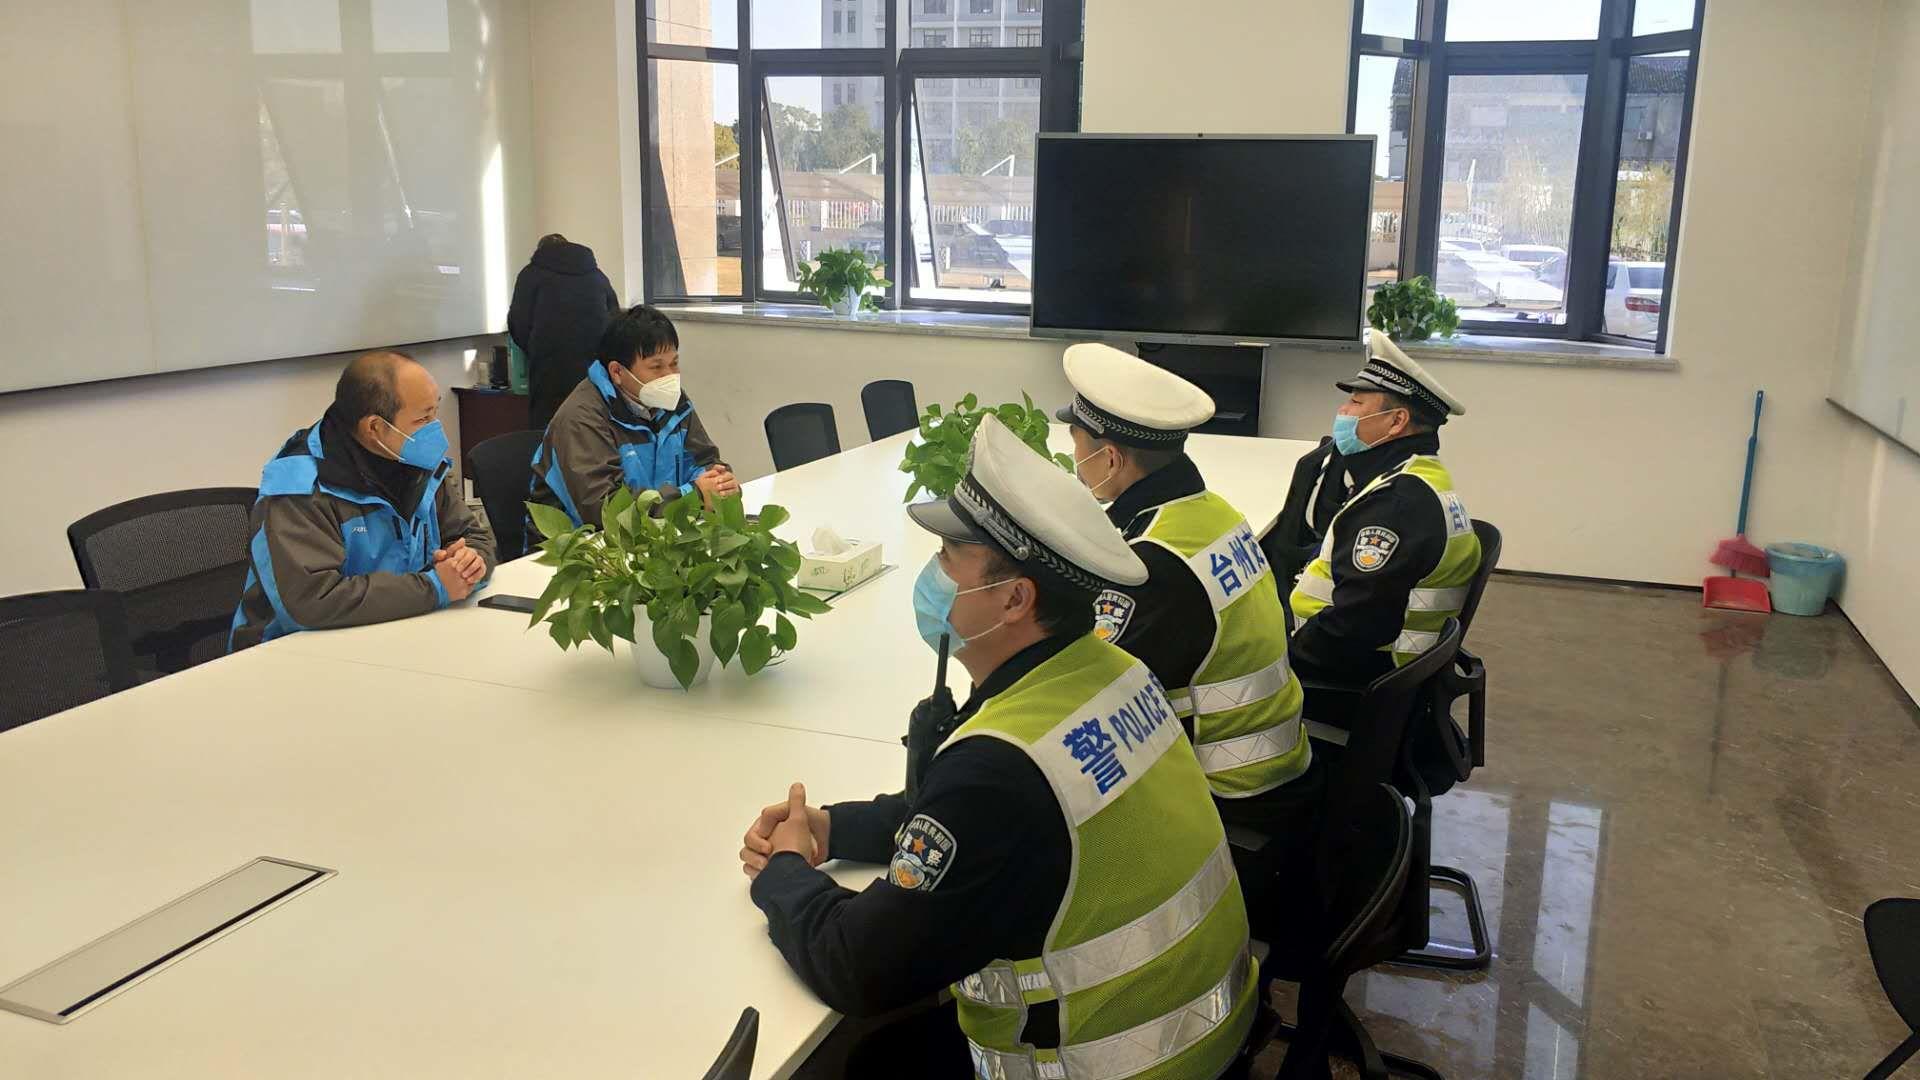 藏蓝在身,责任在心 台州交警坚决抗击疫情,坚毅逆行